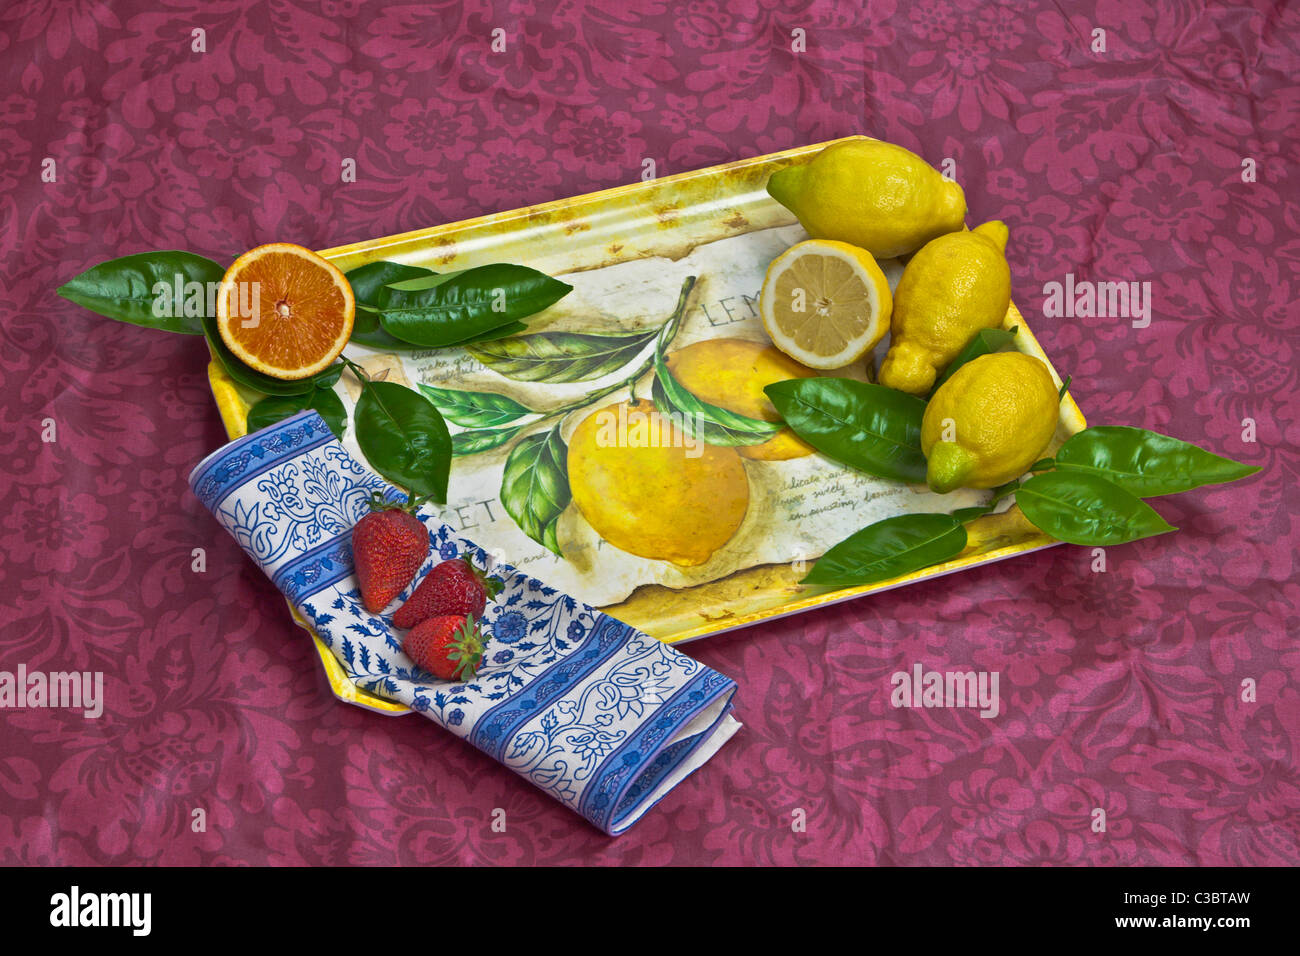 Un plateau avec l'orange, les citrons et les fraises Photo Stock